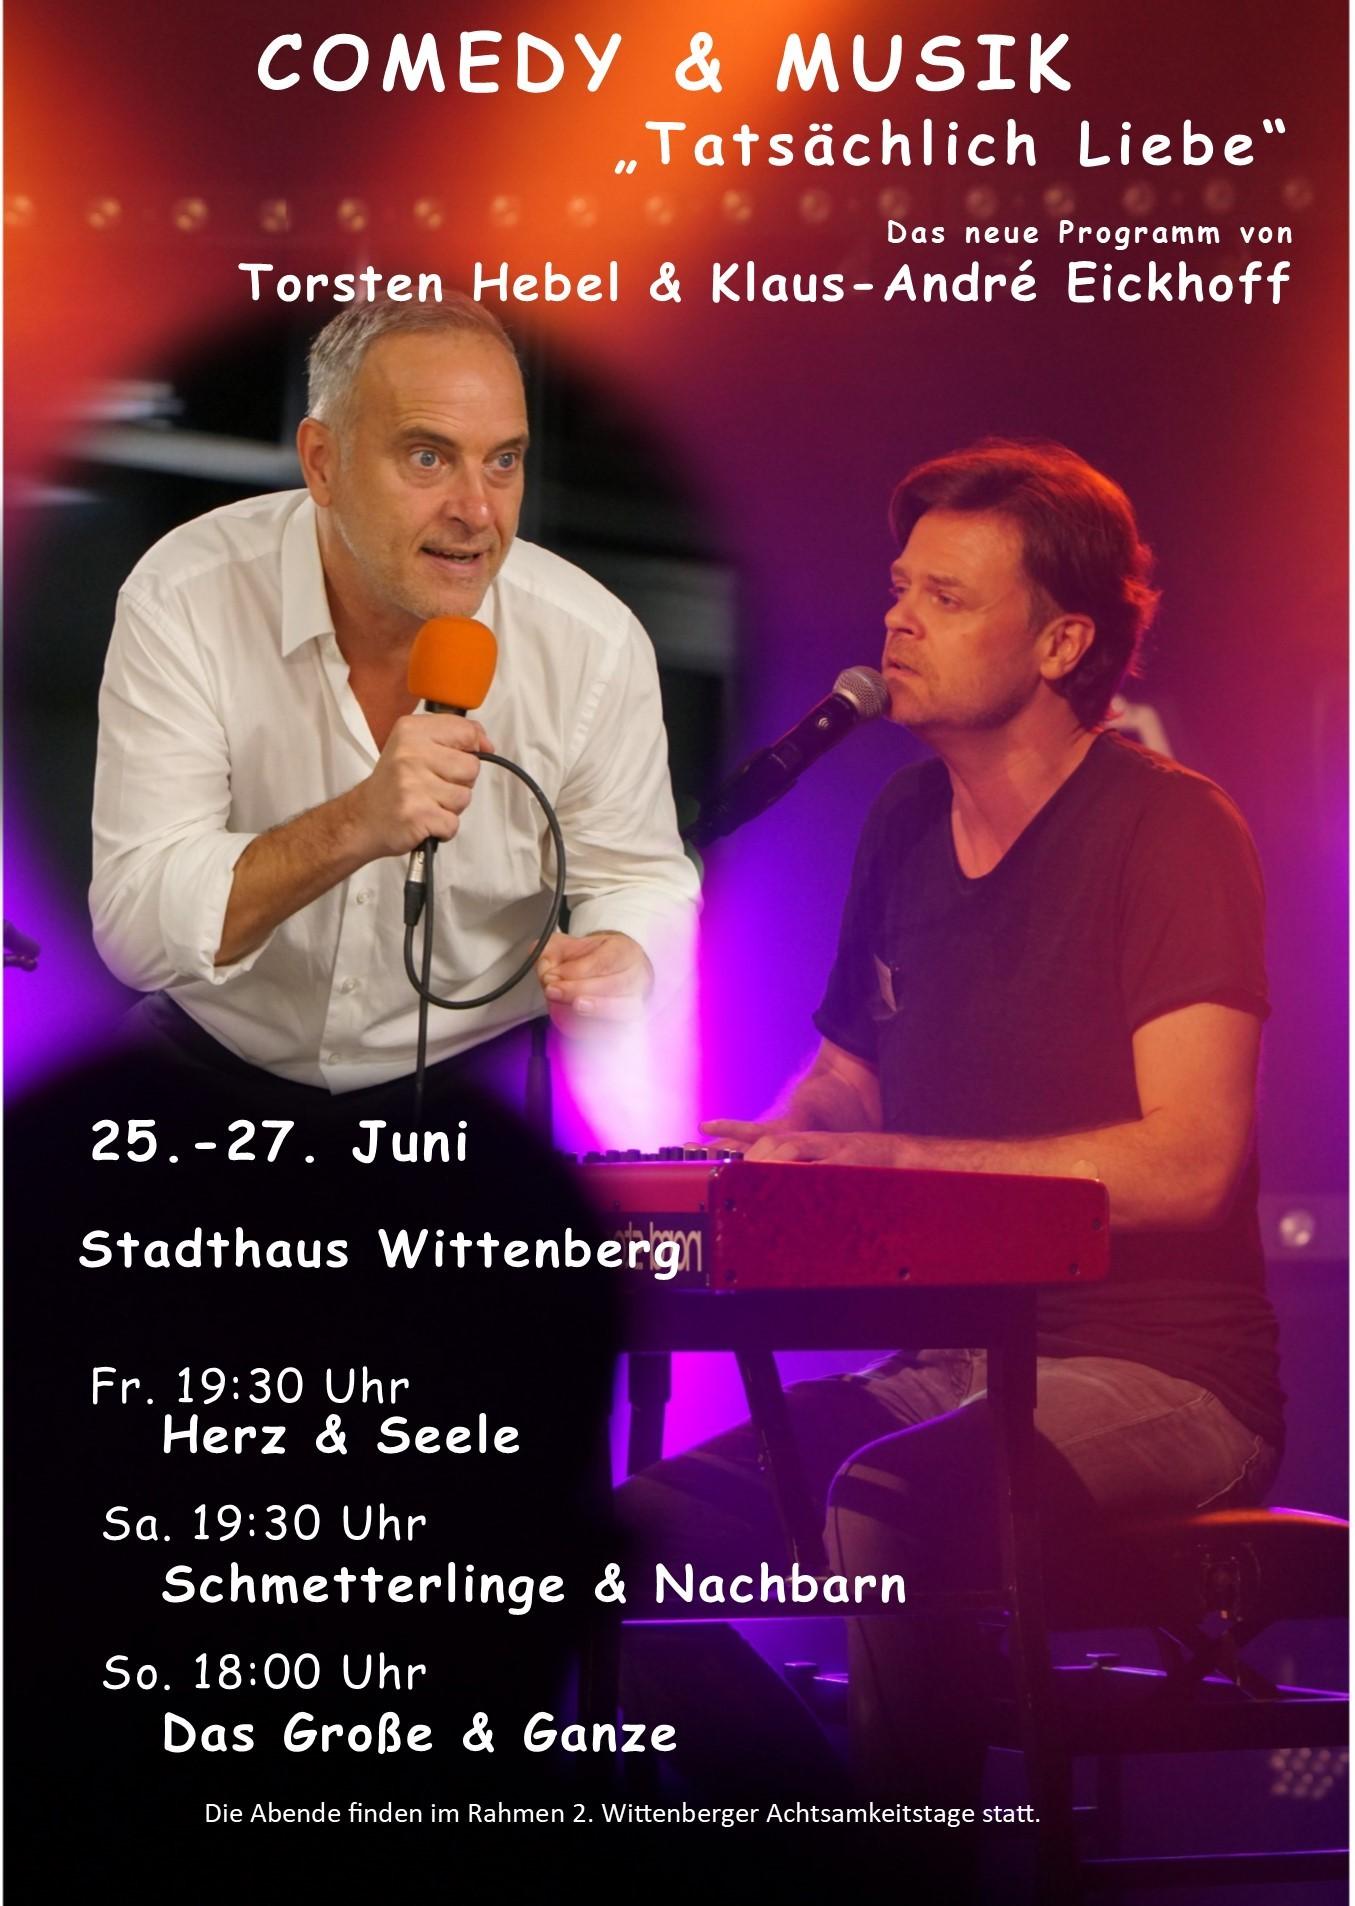 """Comedy & Musik """"Tatsächlich Liebe"""" - Alle drei"""